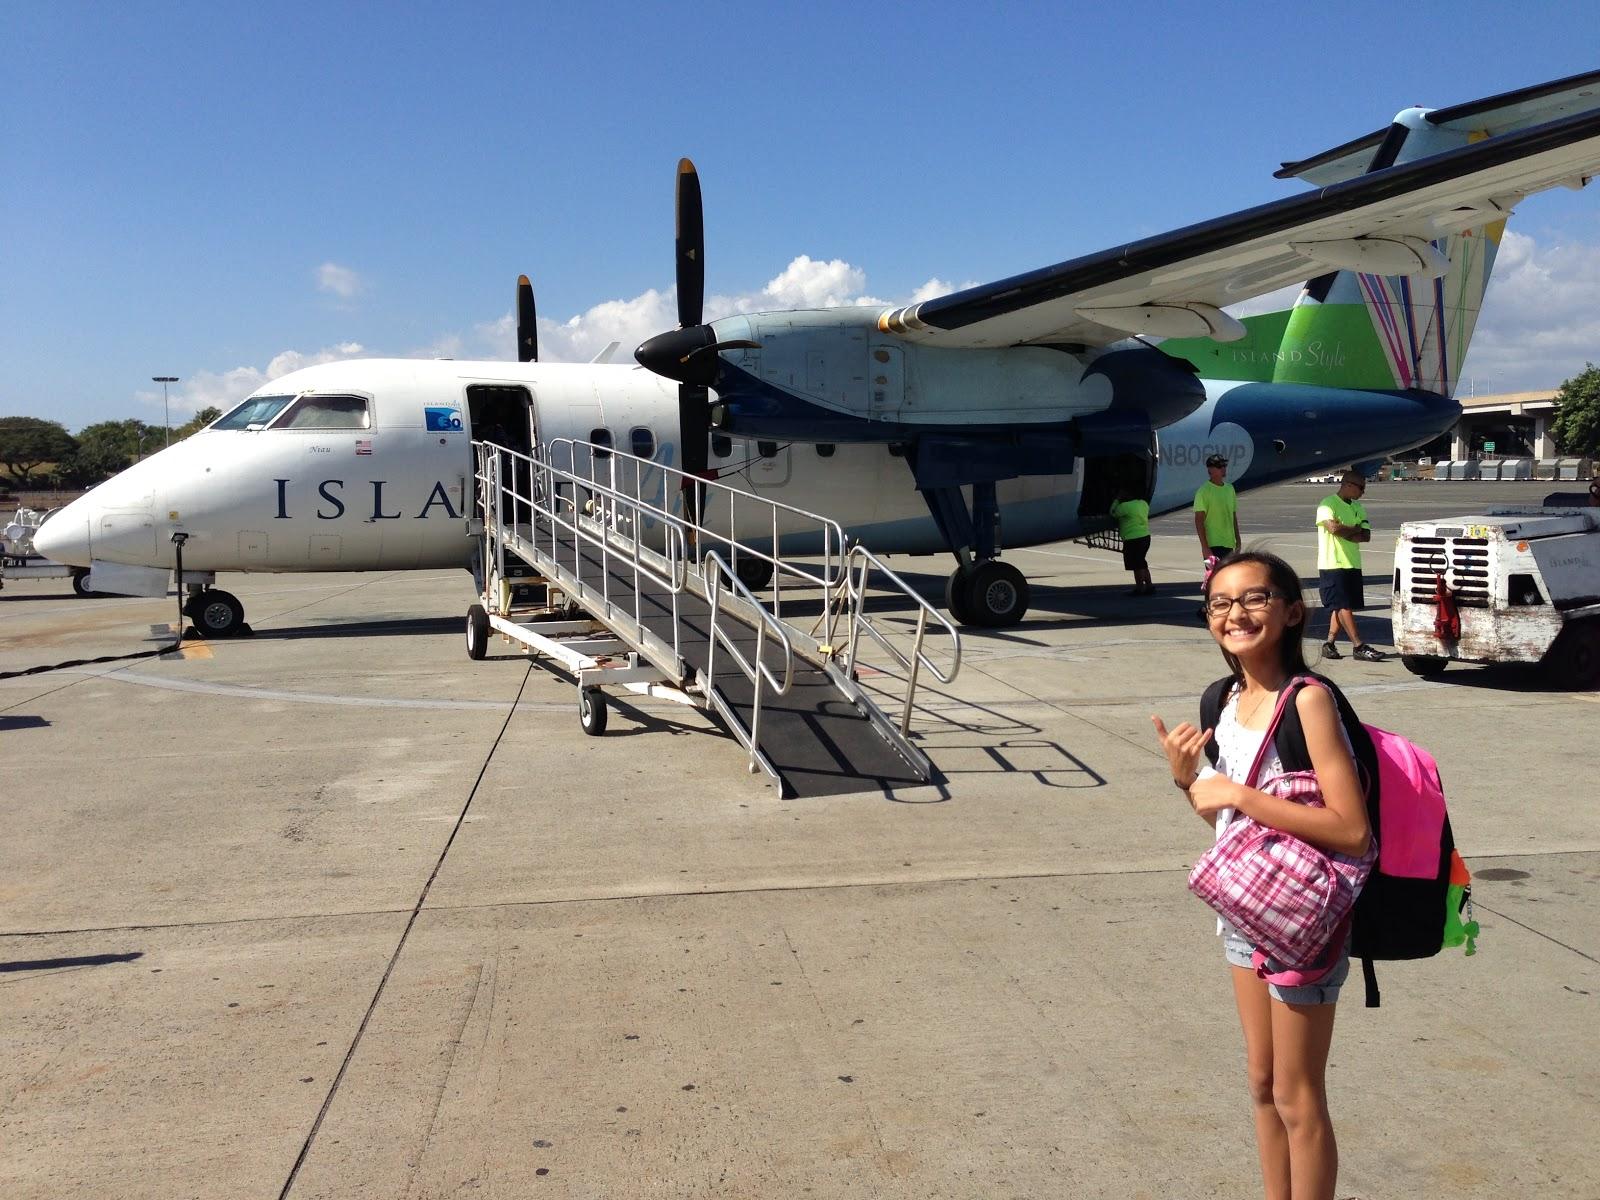 TASTE OF HAWAII: ISLAND AIR TERMINAL - HONOLULU, HAWAII